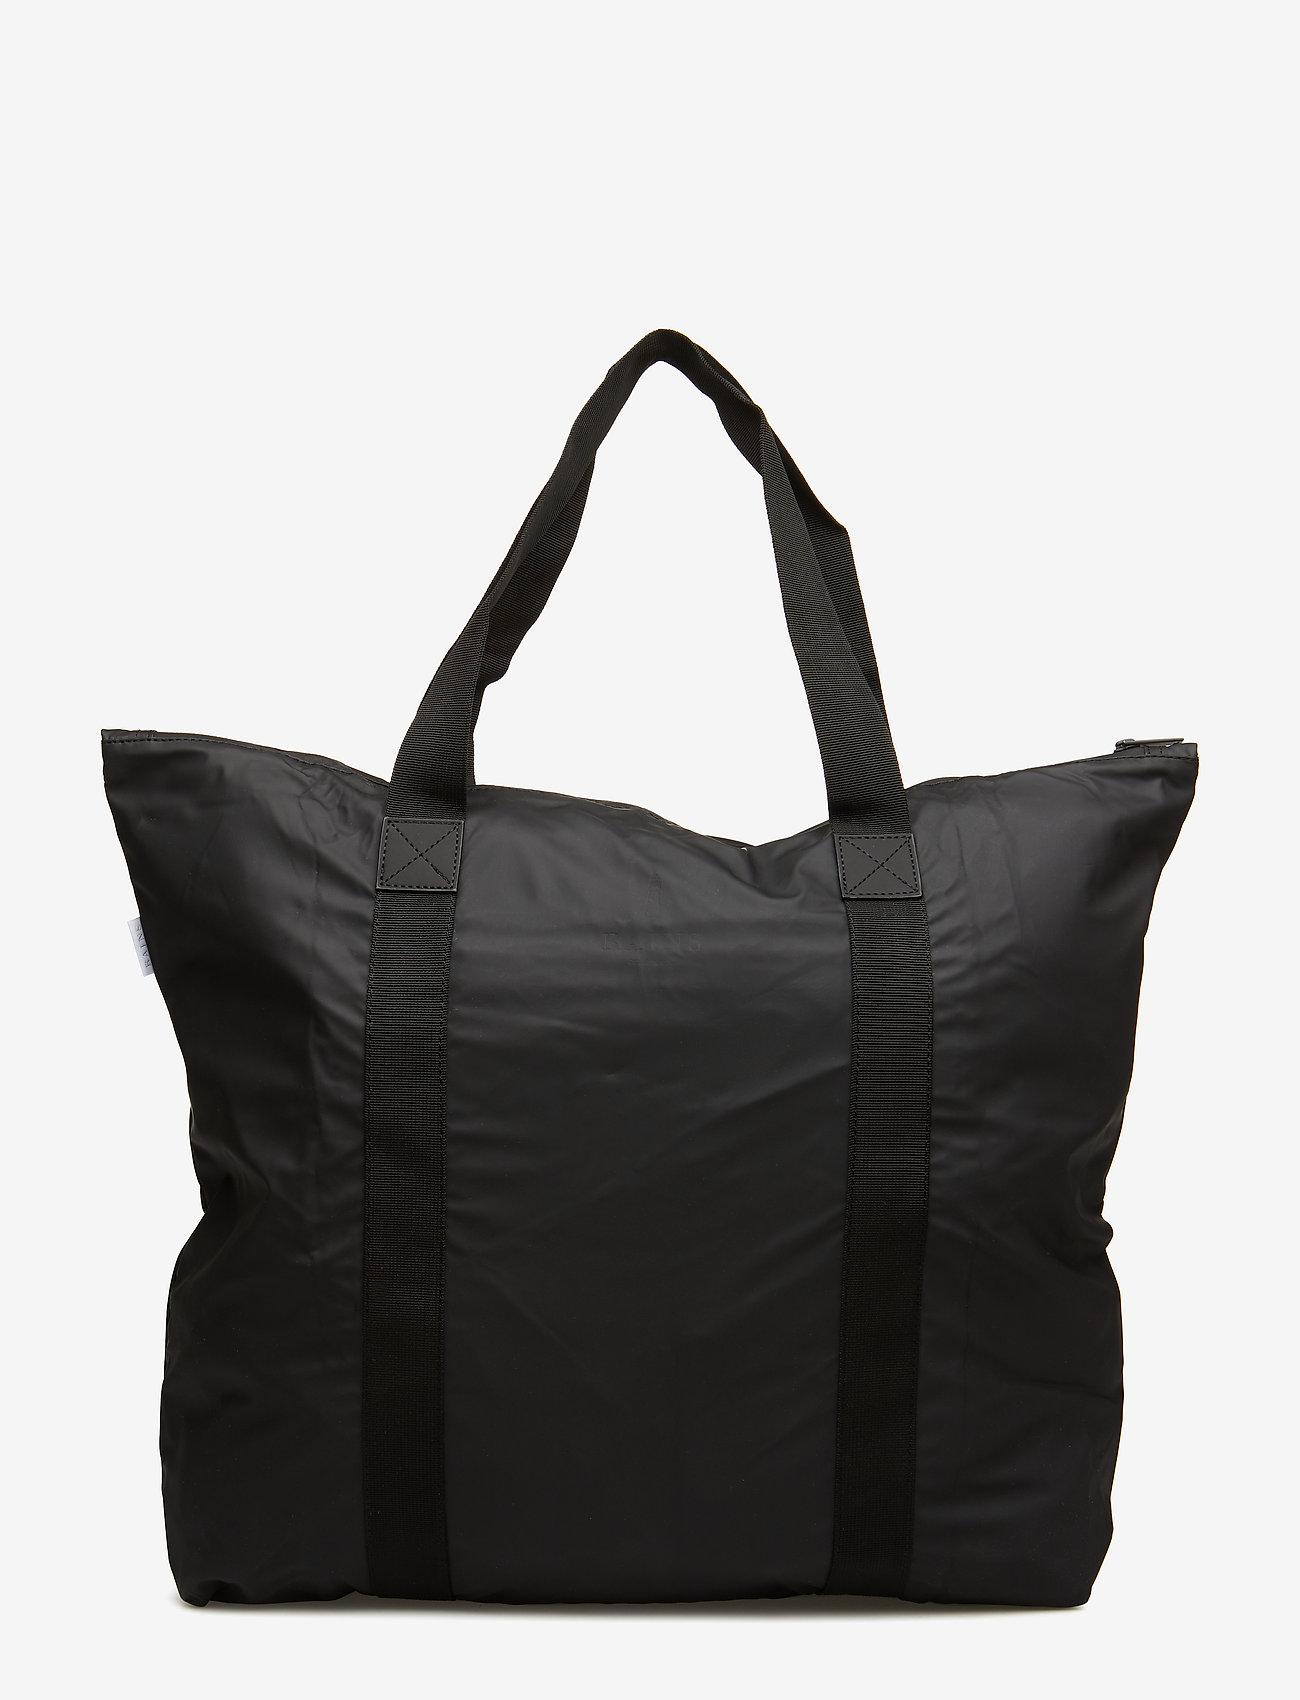 Rains - Tote Bag - tote bags - 01 black - 1